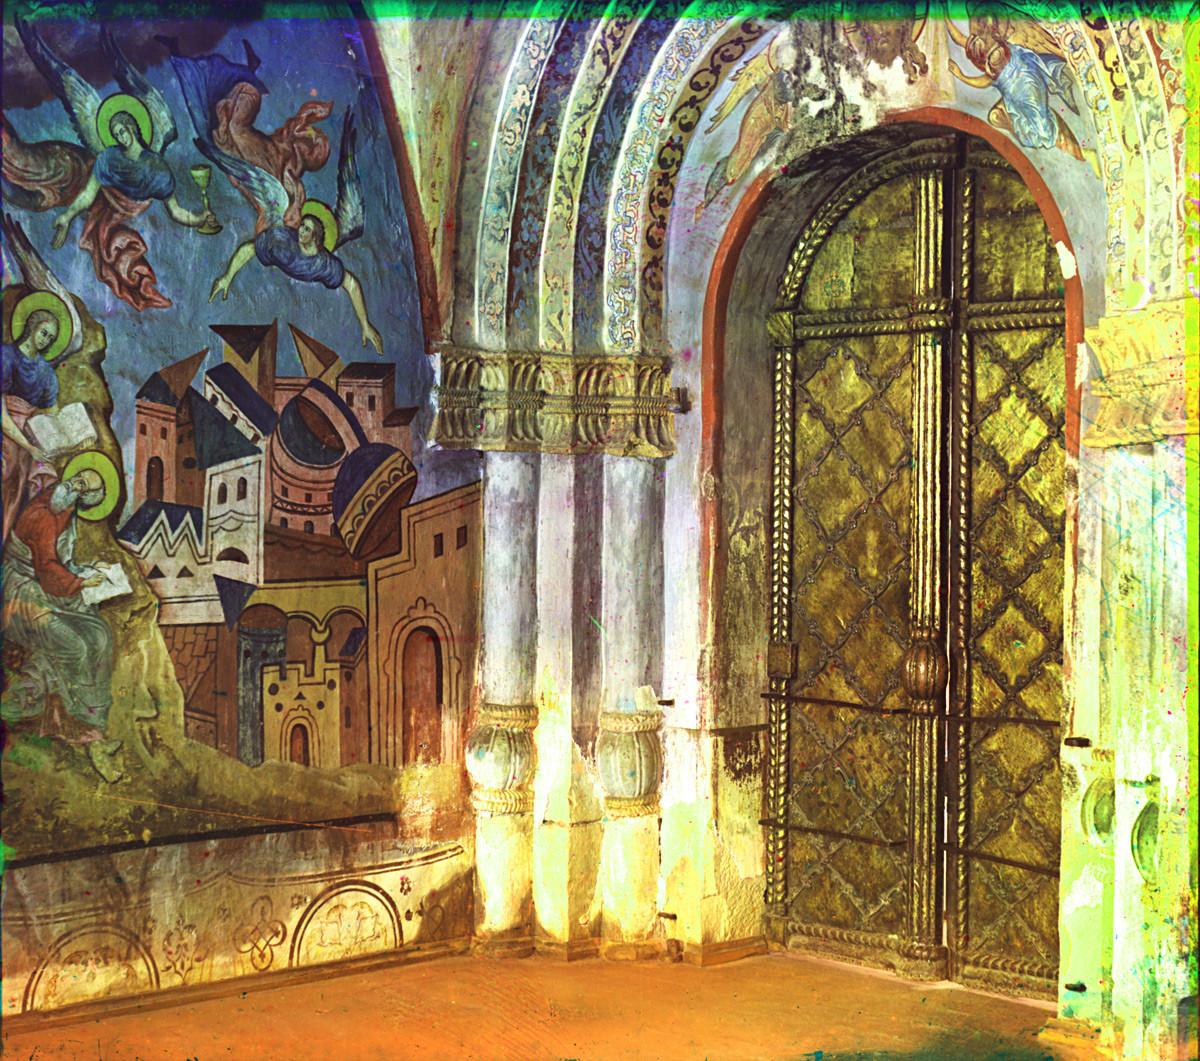 Monastère Saint-Cyrille-Belozersk, galerie nord attachée à la cathédrale de la Dormition. Angle nord-est avec portail nord vers la cathédrale. Fresques de l'Apocalypse : Chute de Babylone et Saint-Jean écrivant dans le Livre des Révélations.